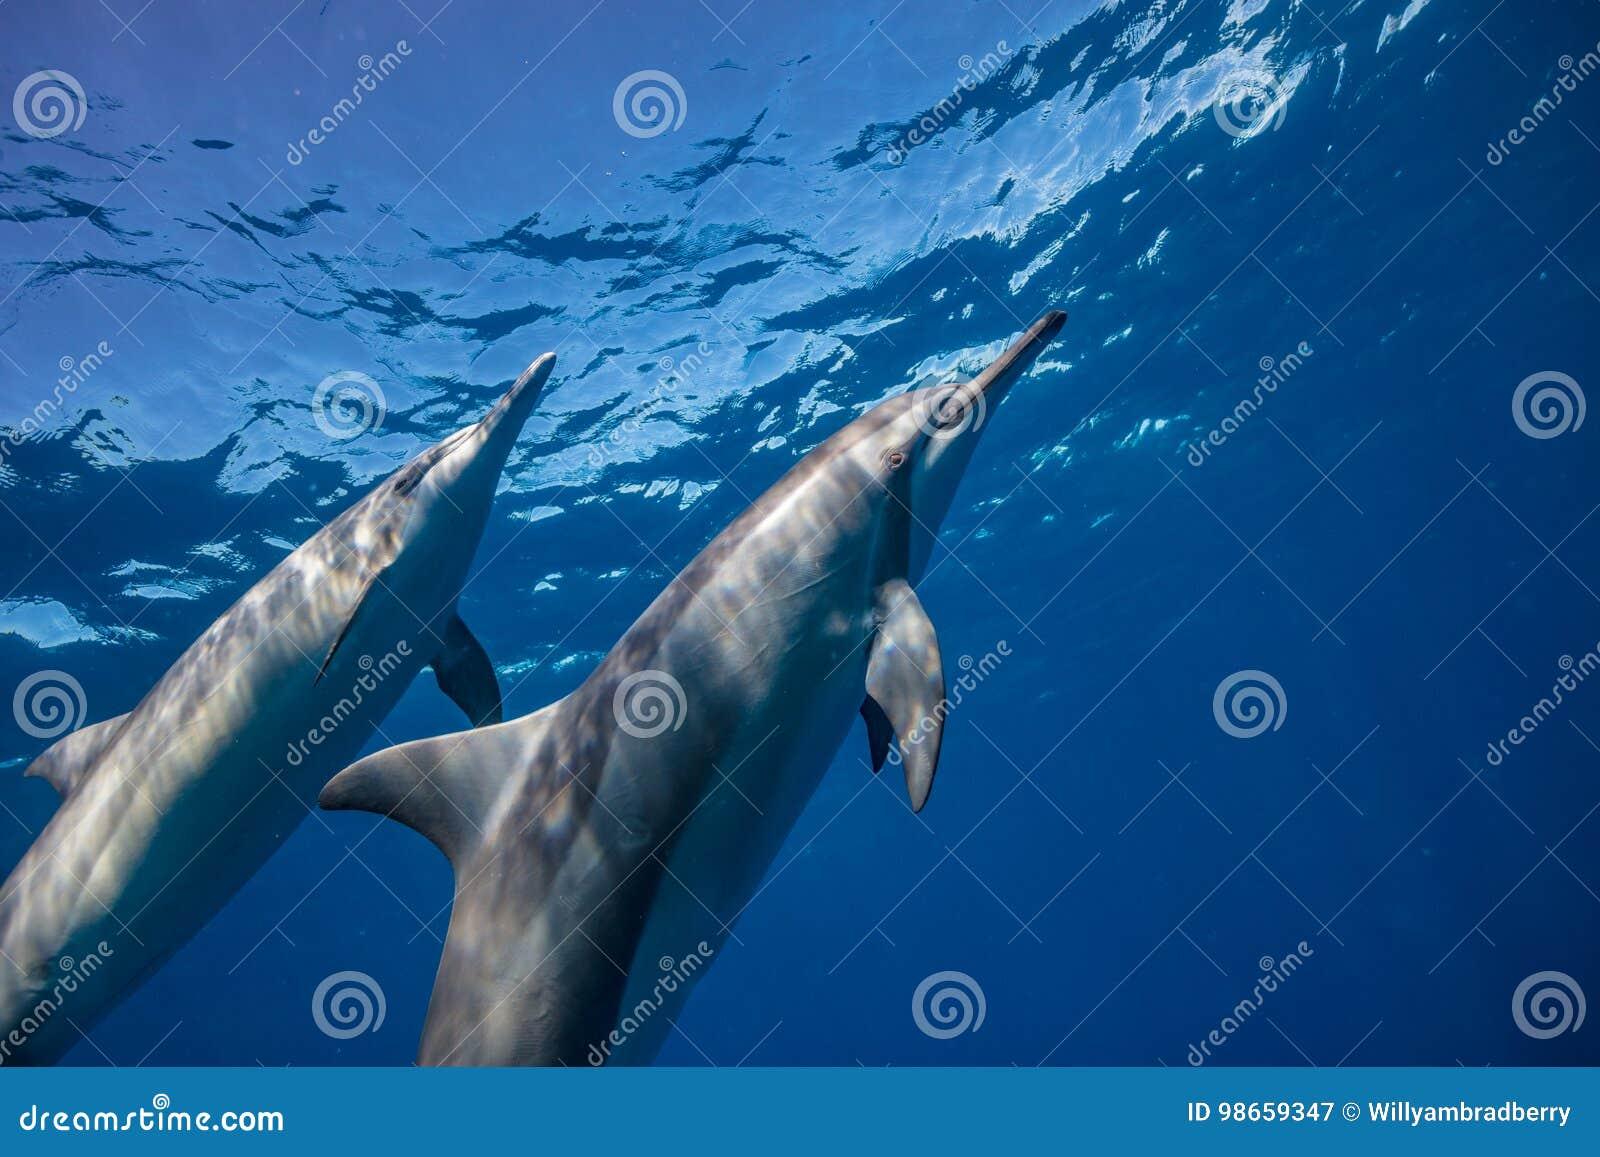 Blauer Ozeanwasserhintergrund mit wilden Delphinen